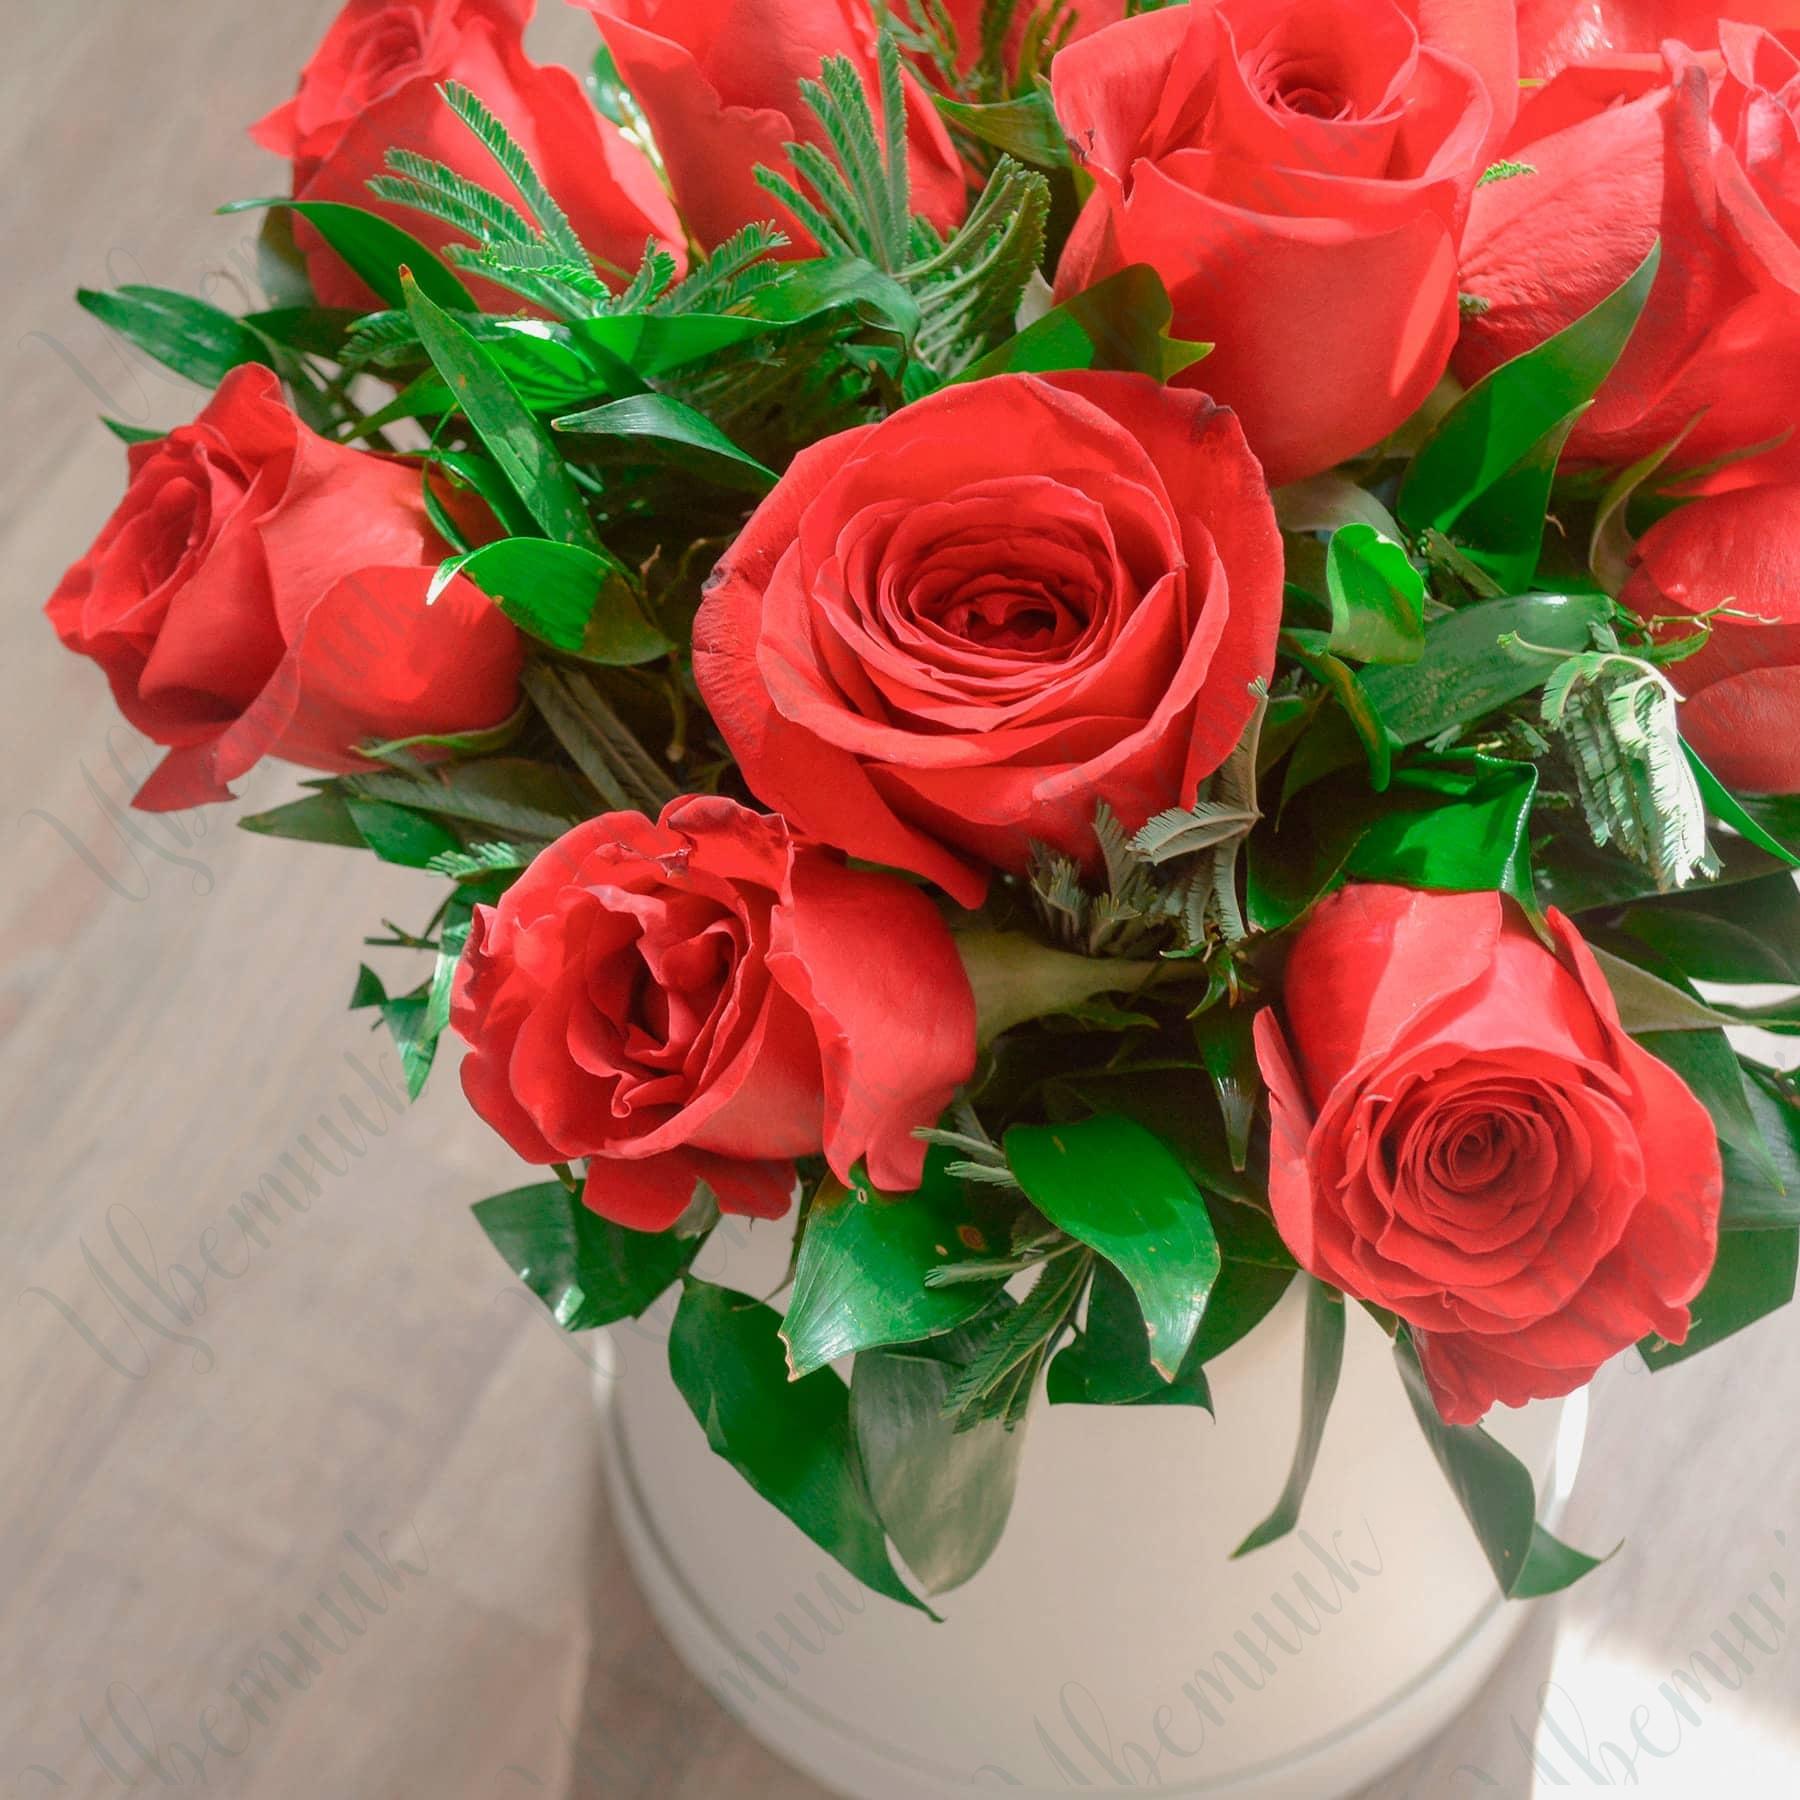 Композиция в коробке из красных роз и зелени